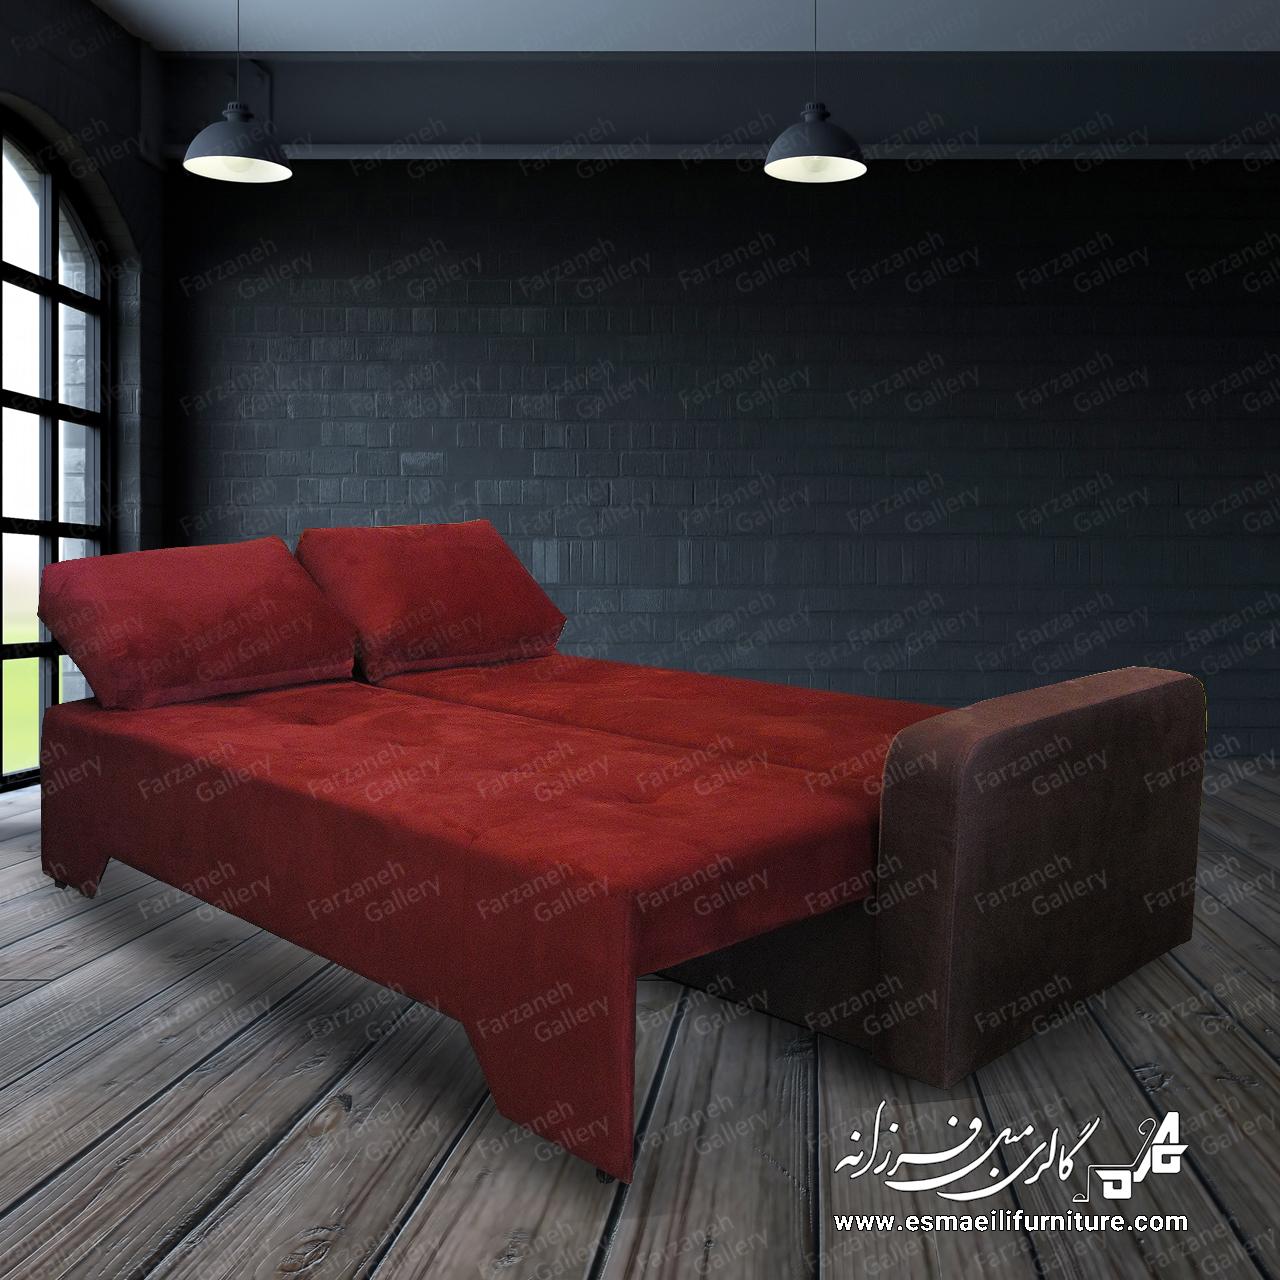 خرید مبل تختخواب شو، مبل تختخواب شو ، مبل تخت شو ، کاناپه تختخواب شو، کاناپه تخت شو